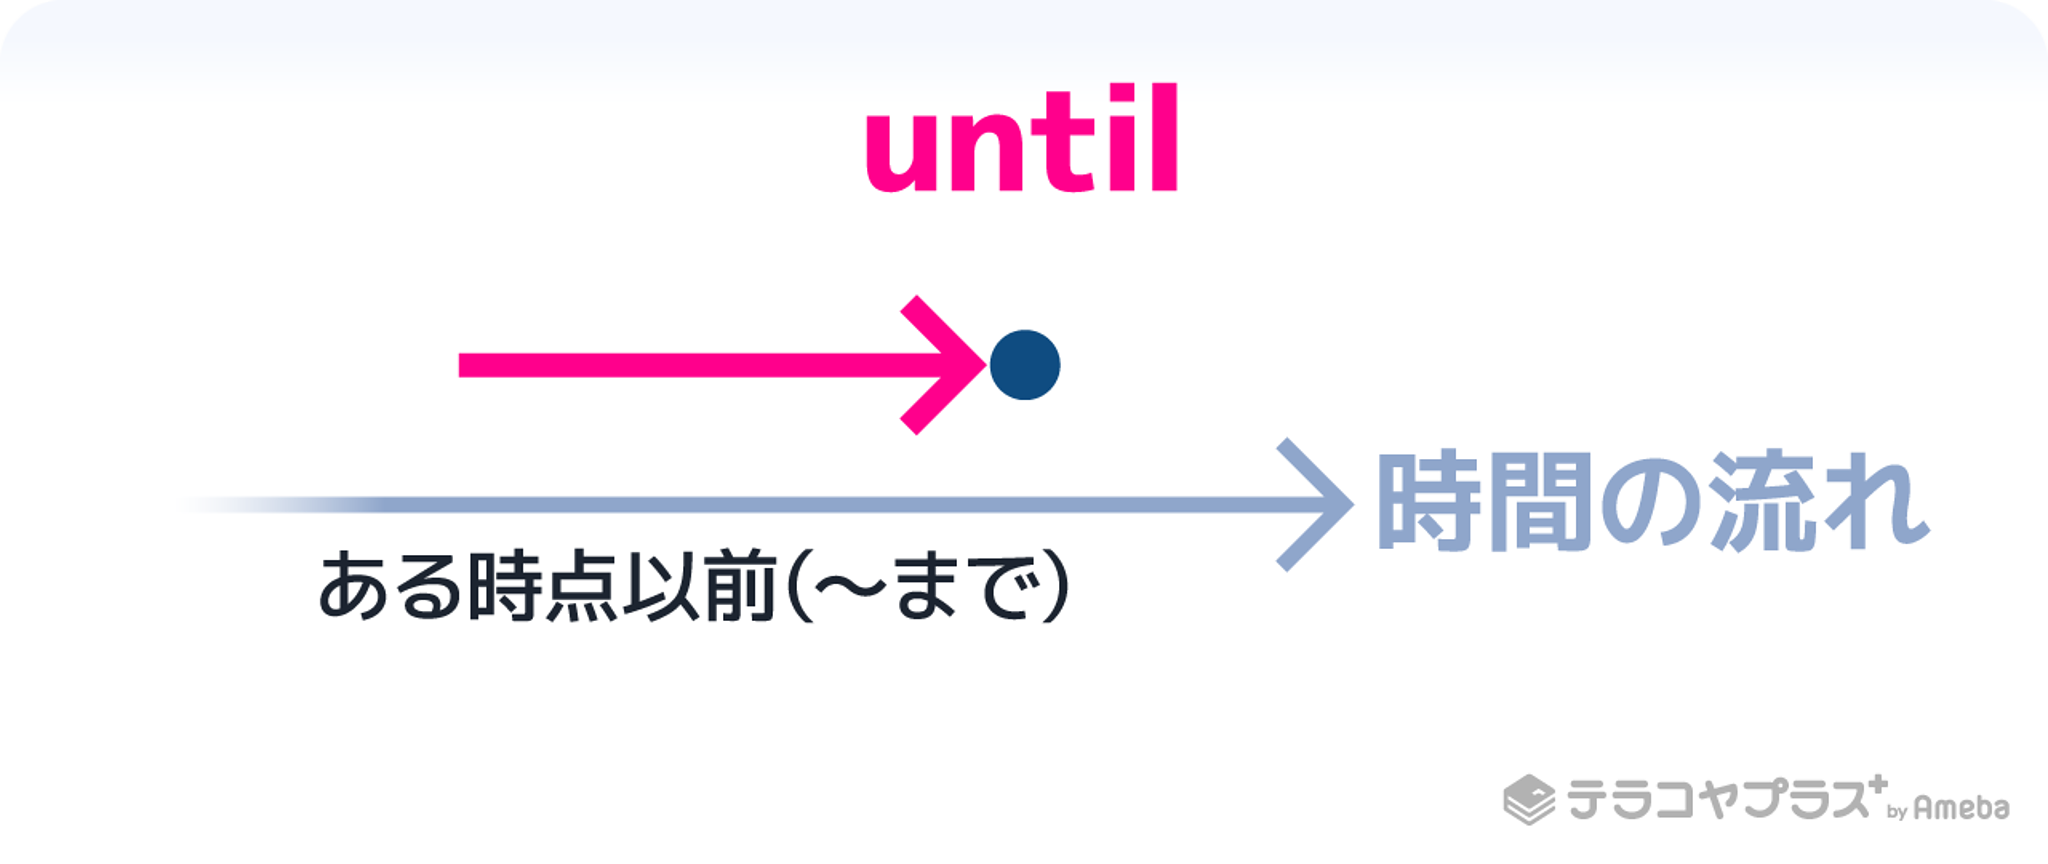 前置詞untilイメージイラスト